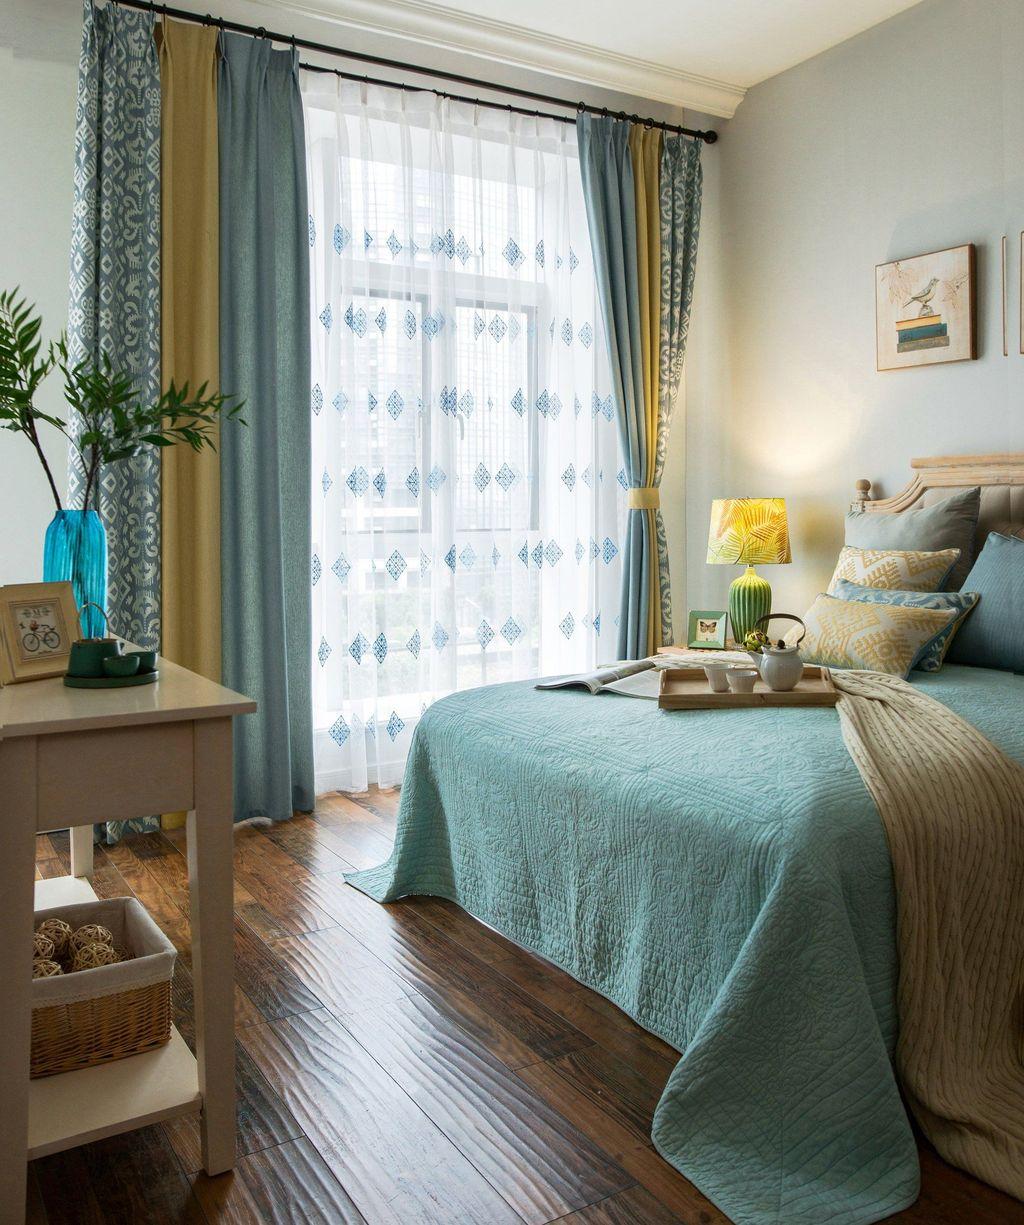 Inspiring Traditional Bedroom Decor Ideas 14